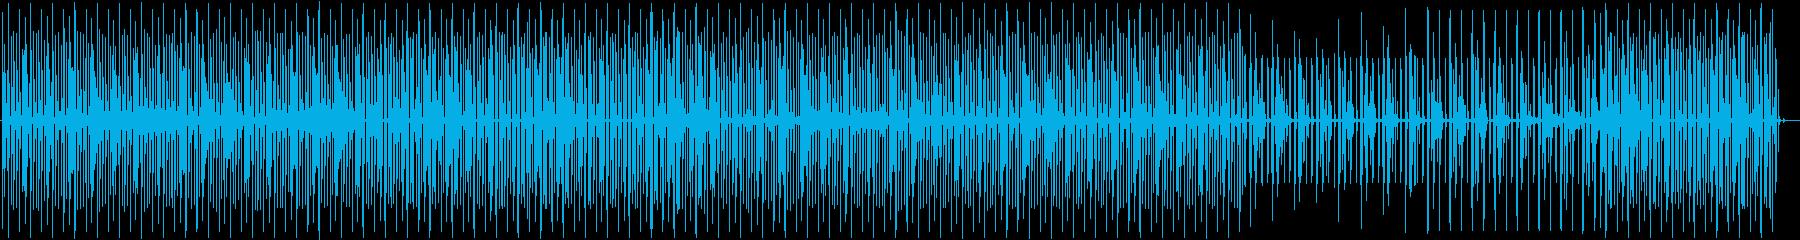 報道 ニュース 情報 事件 紹介の再生済みの波形